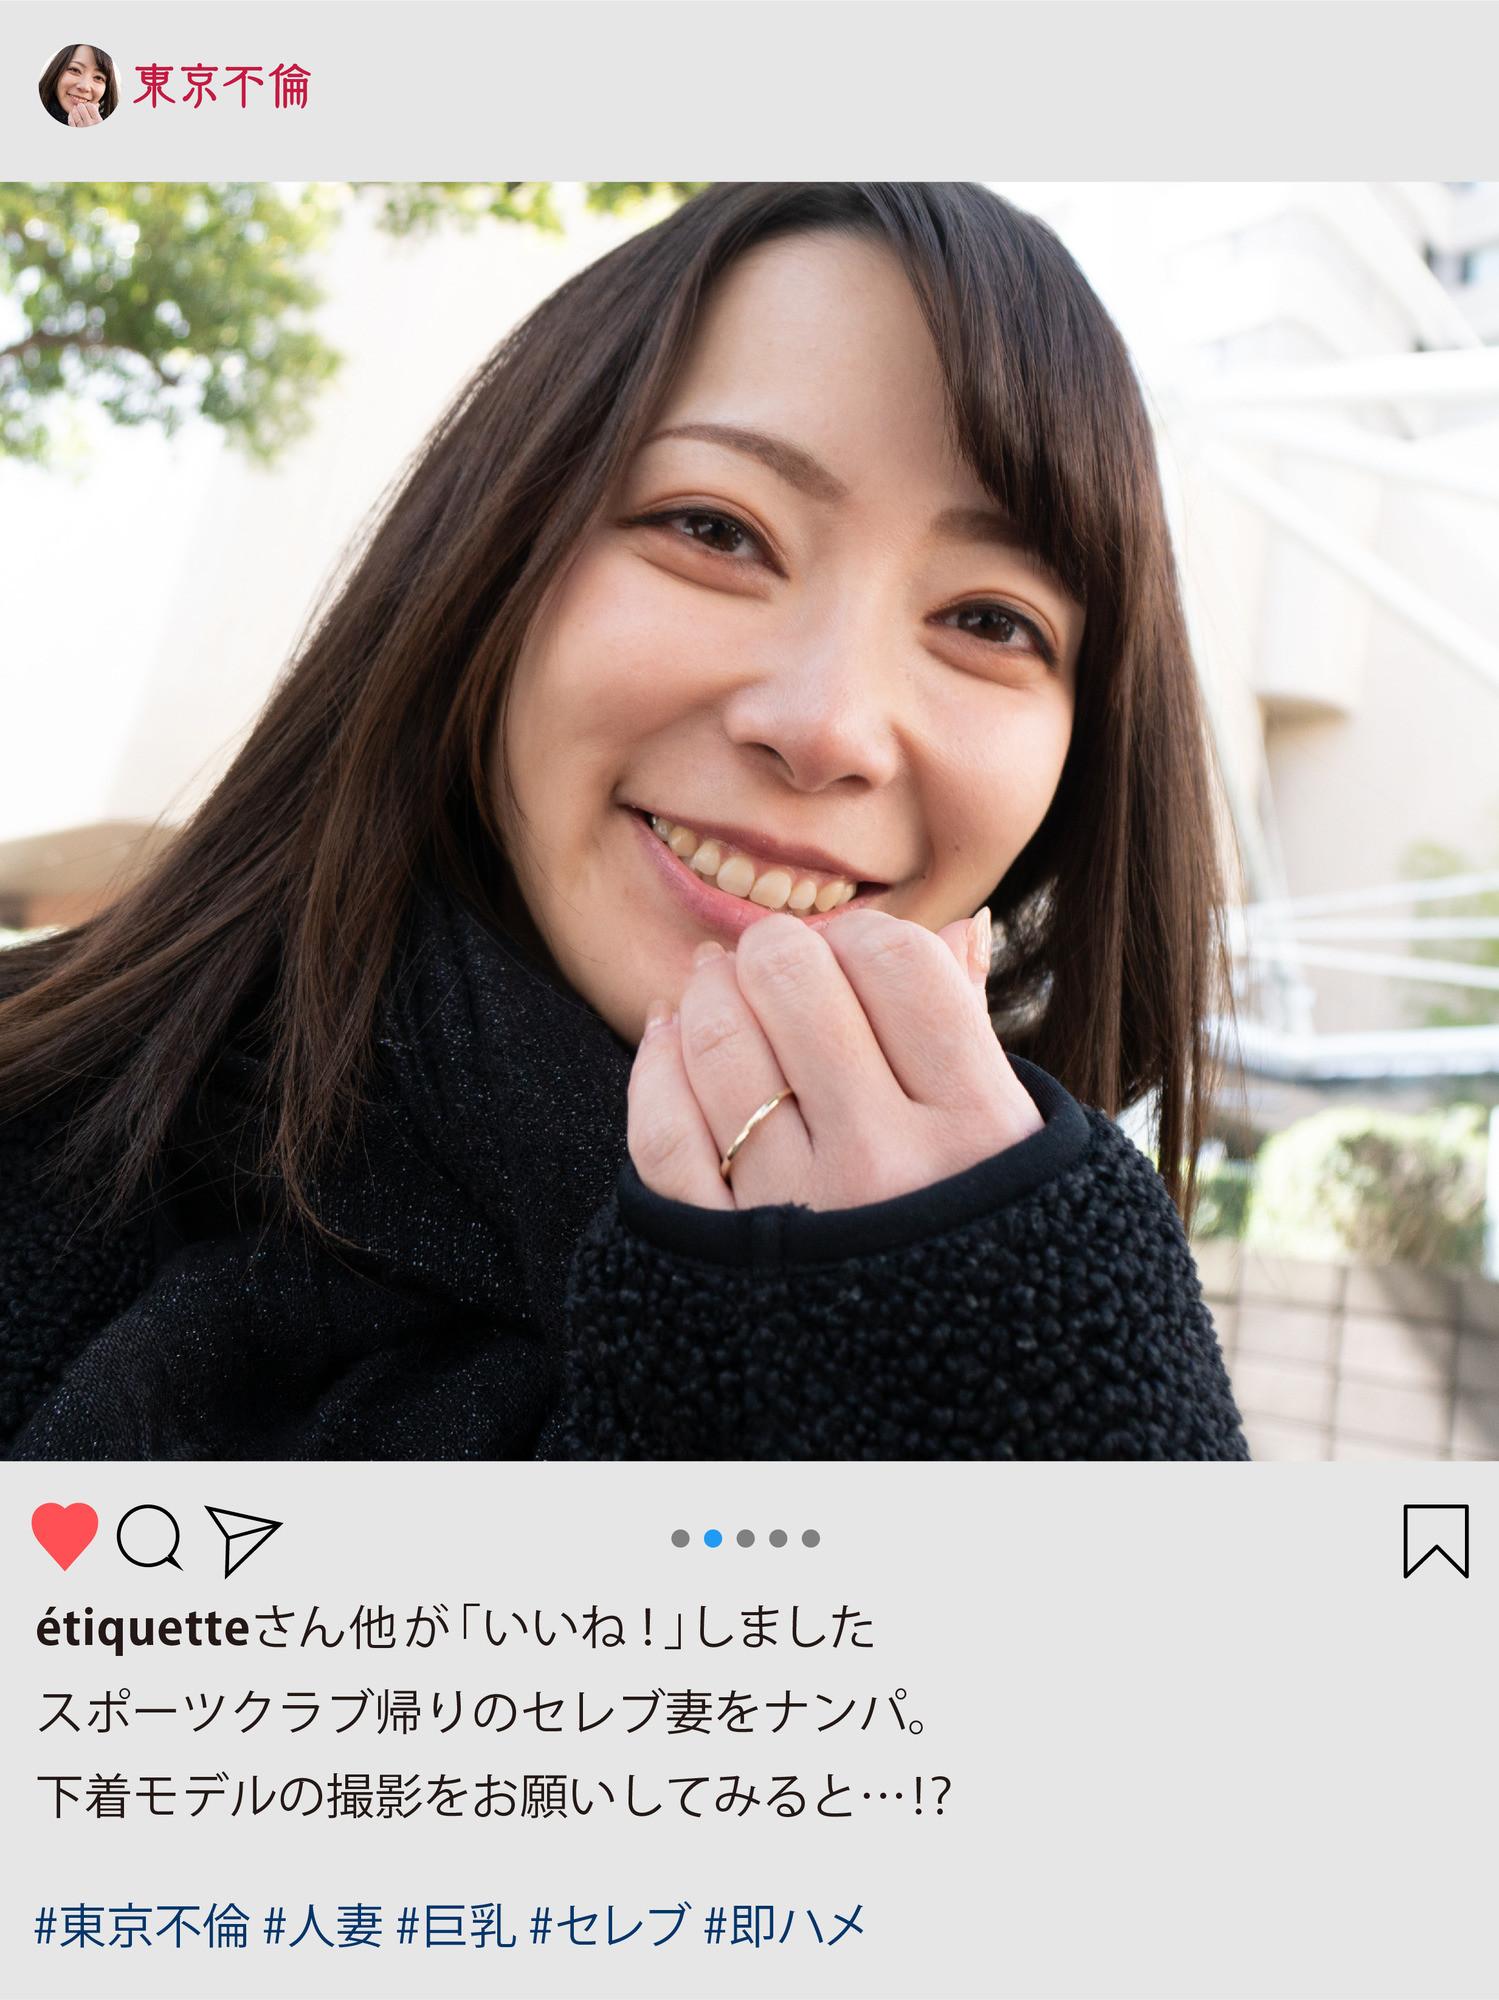 亜由美さん41歳 Fカップ×テクニシャンなセレブ妻をGET!!